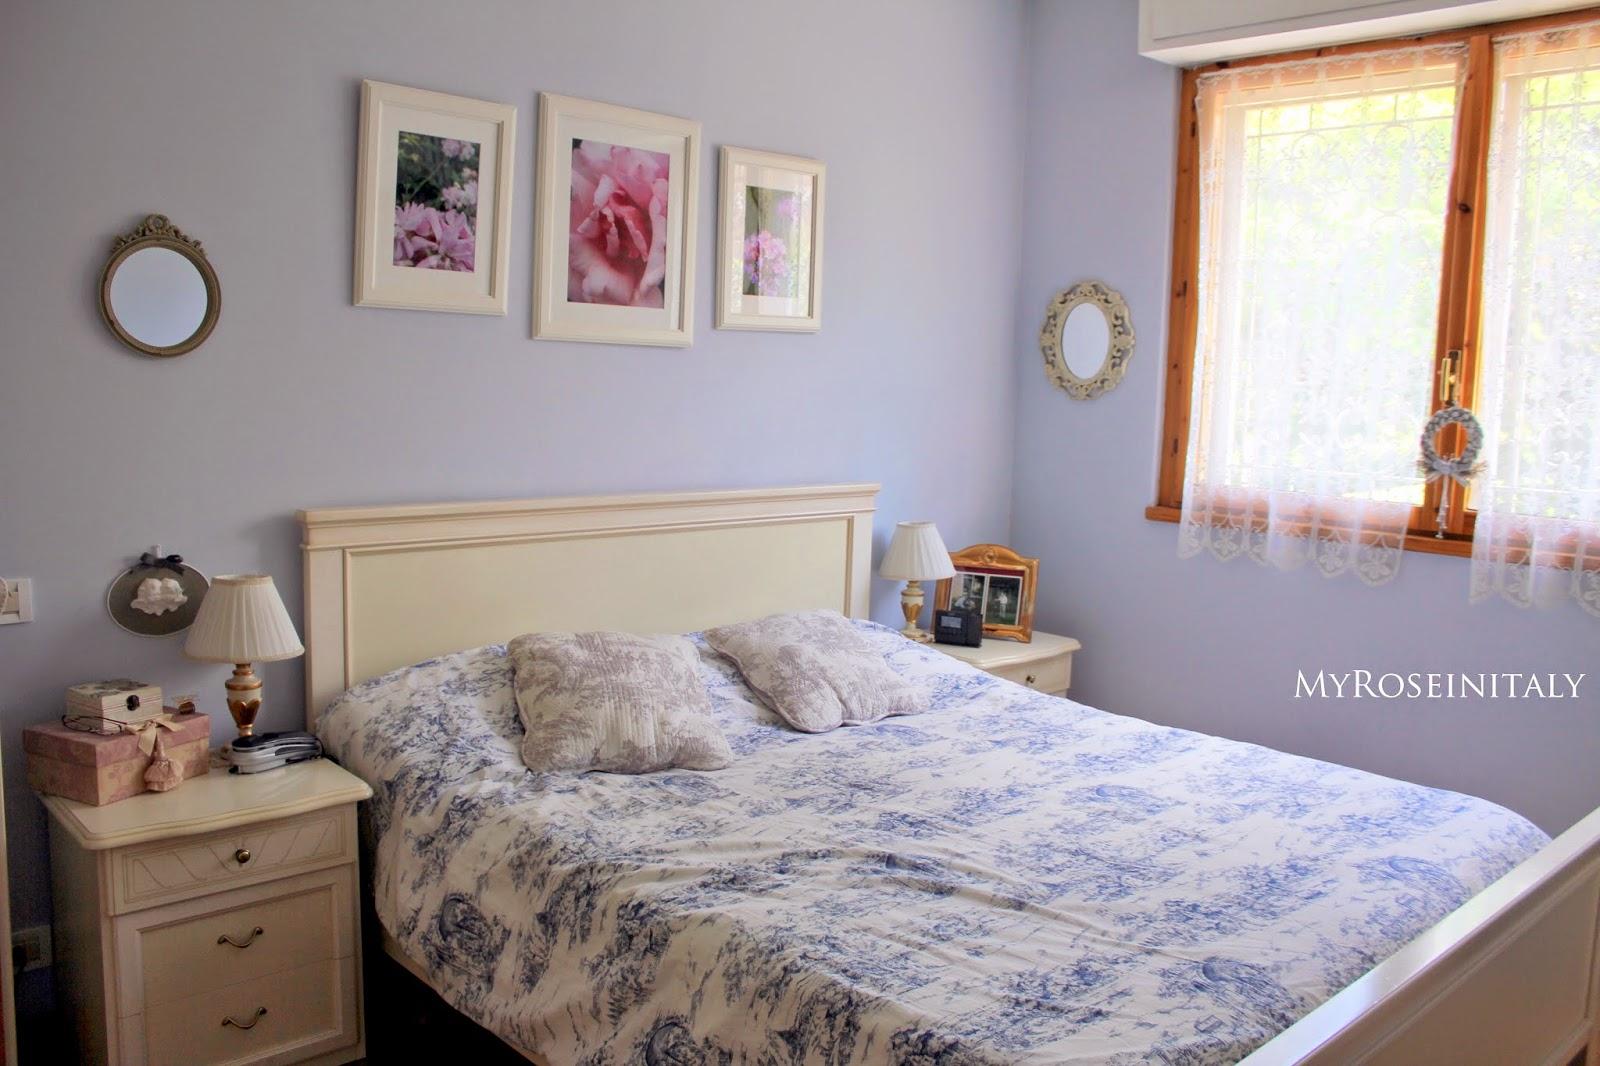 My RoseinItaly: Rinnovare casa: oggi si comincia dalla camera da letto!